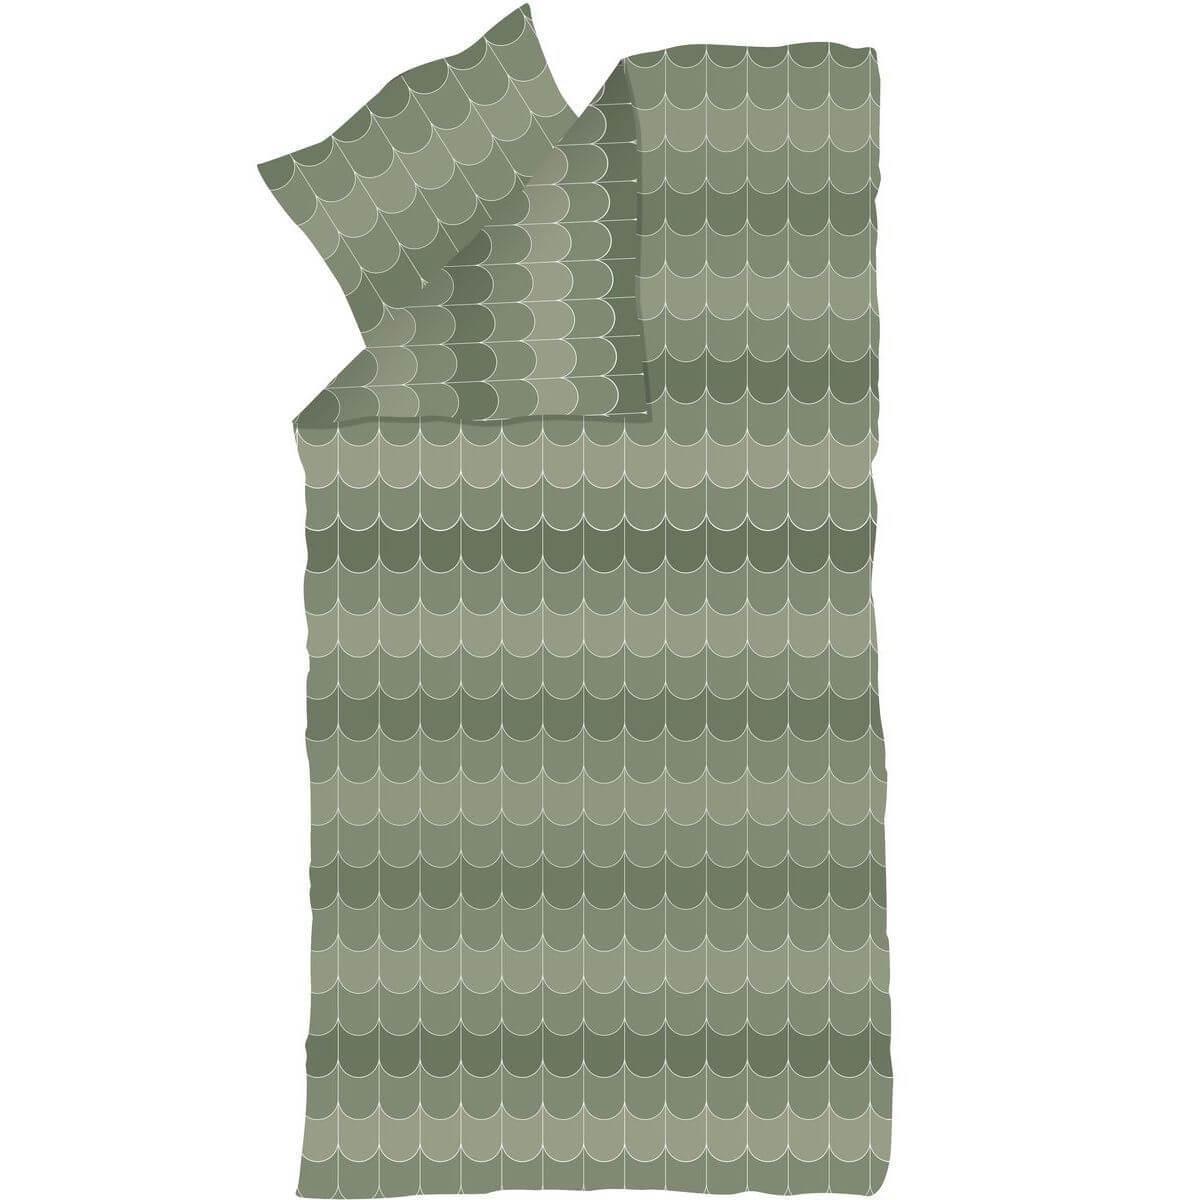 Kinder-Bettwäsche 140x200cm-Kissenbezug 60x63cm POPSICLE Flexa kiwi